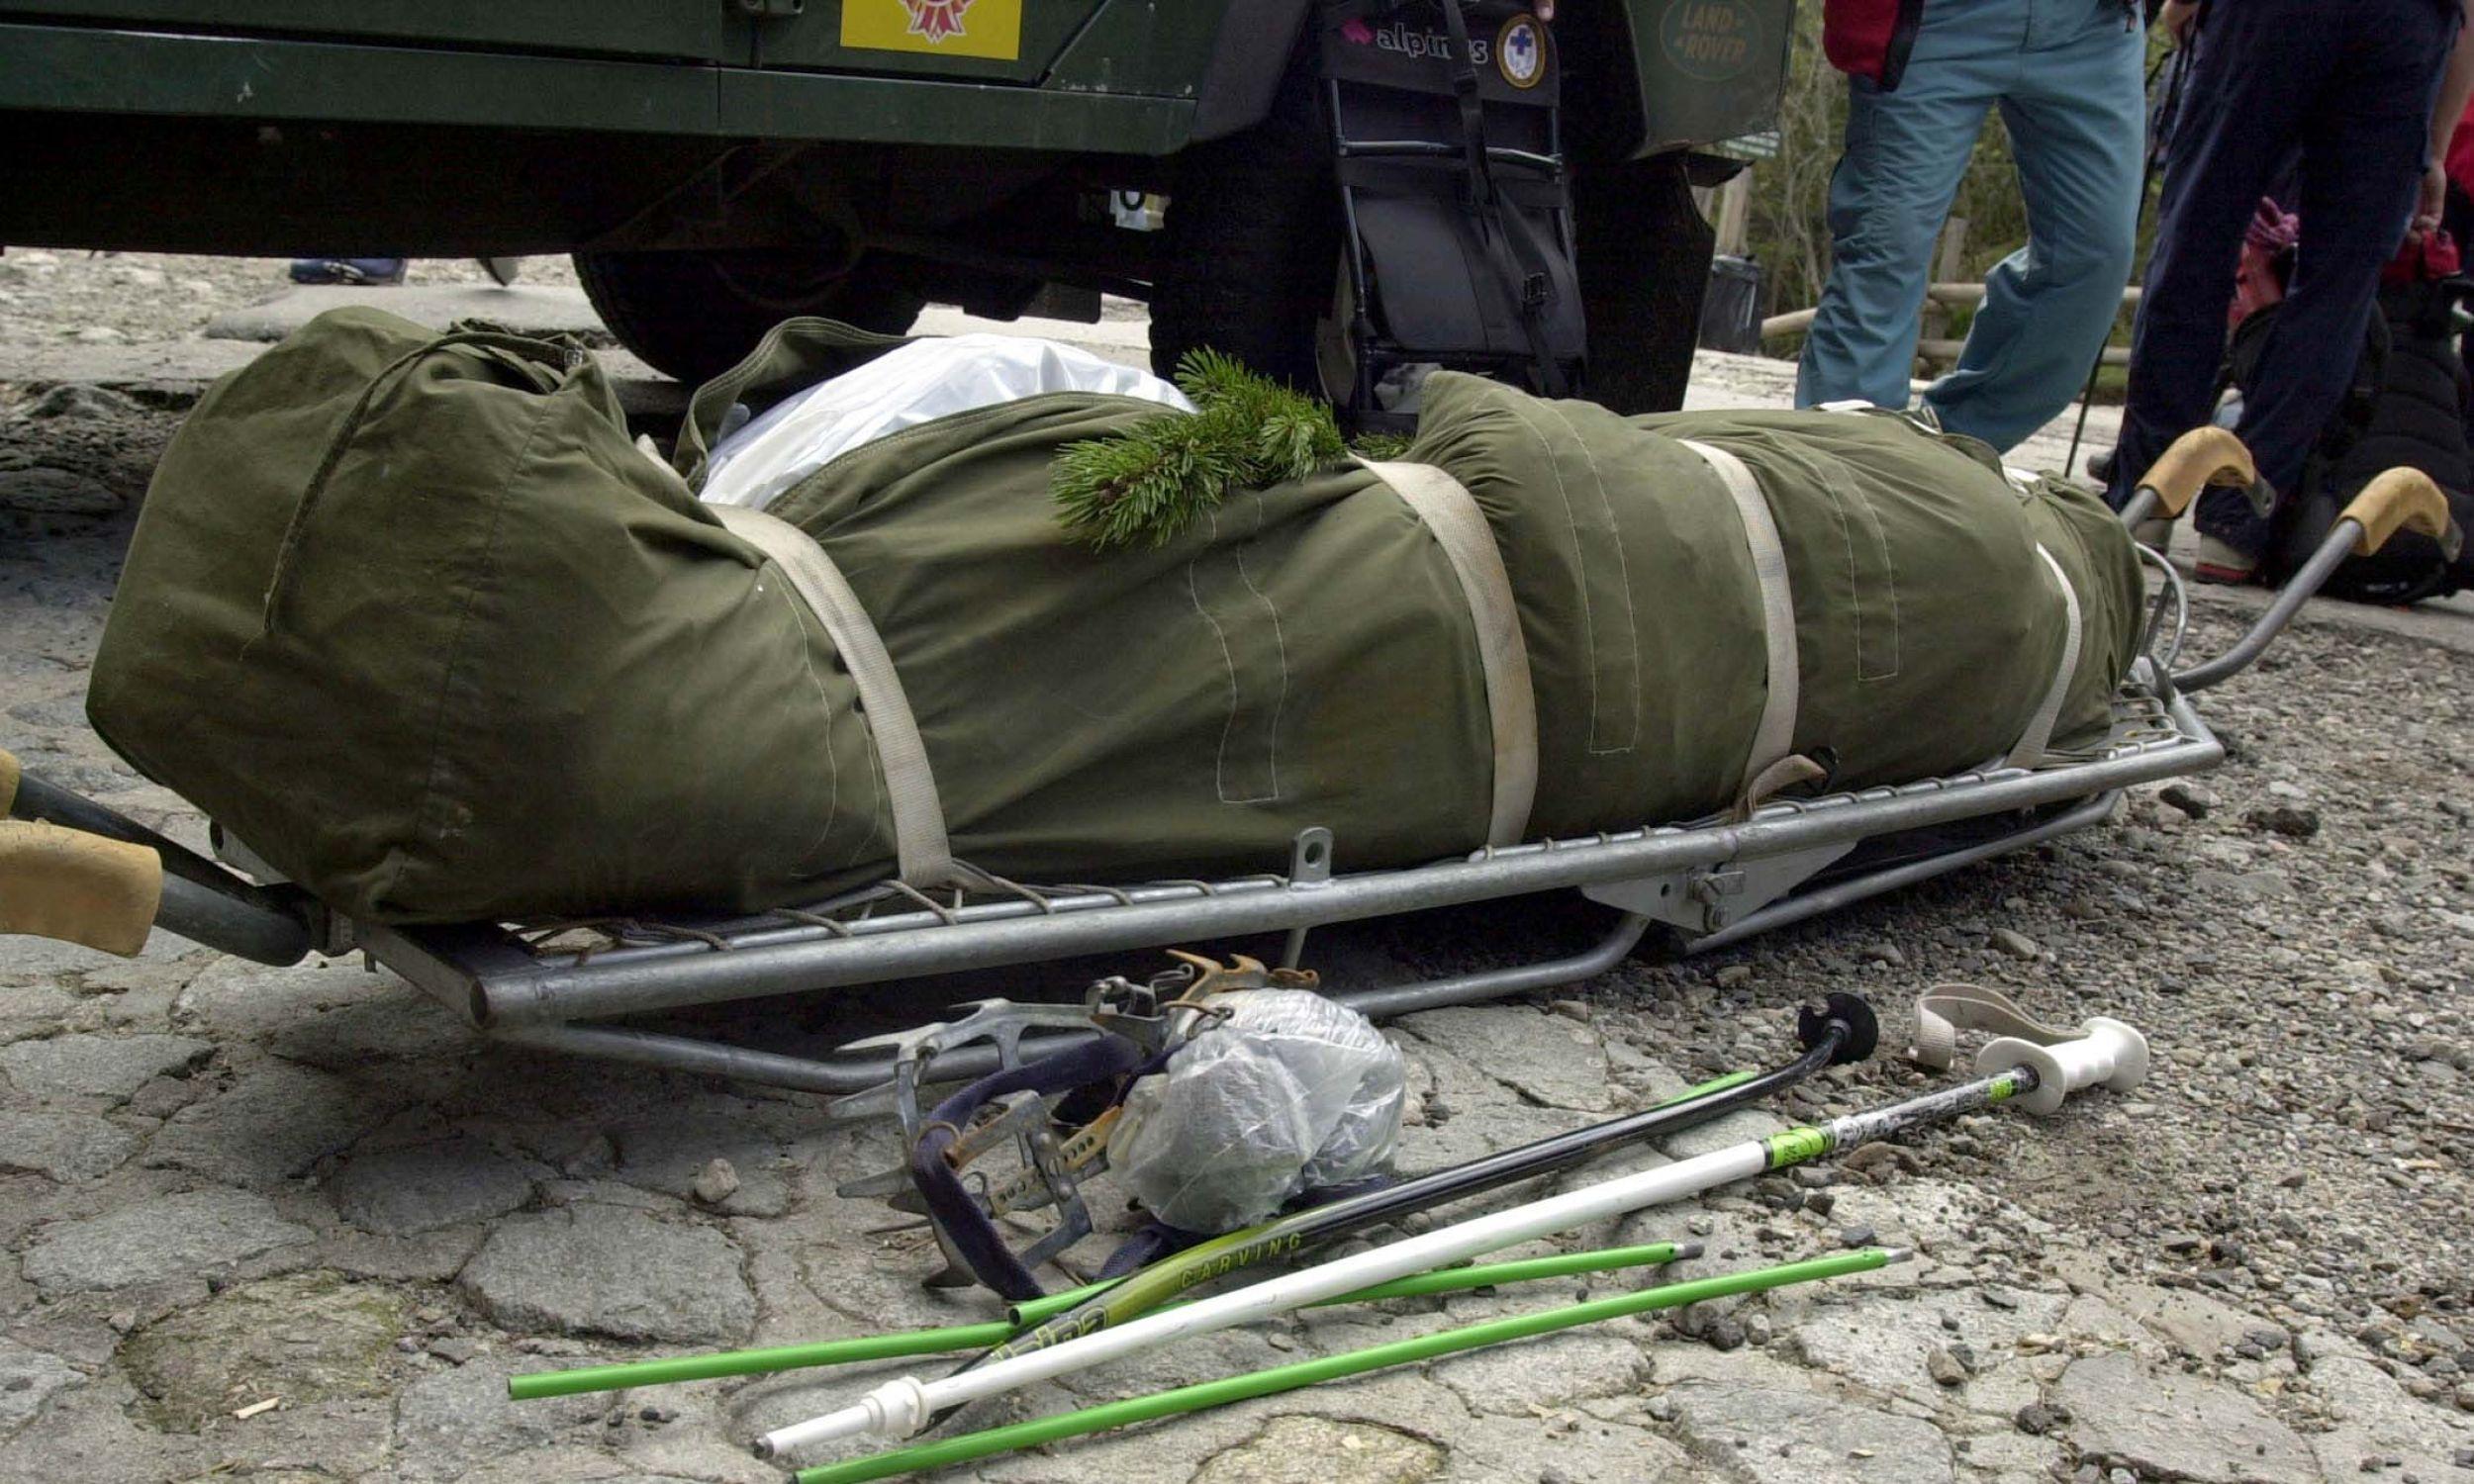 Zakopane, Morskie Oko. 13.05.2003 r. Ratownicy TOPR odnaleźli ciało Szymona Lenartowicza, jednej z ofiar lawiny pod Rysami w Tatrach. Podczas przeszukania lawiniska ratownicy natknęli się na wystający ze śniegu but z rakiem, okazało się, że jest to uczestnik tragicznej wycieczki. Fot. PAP/ Grzegorz Momot DG